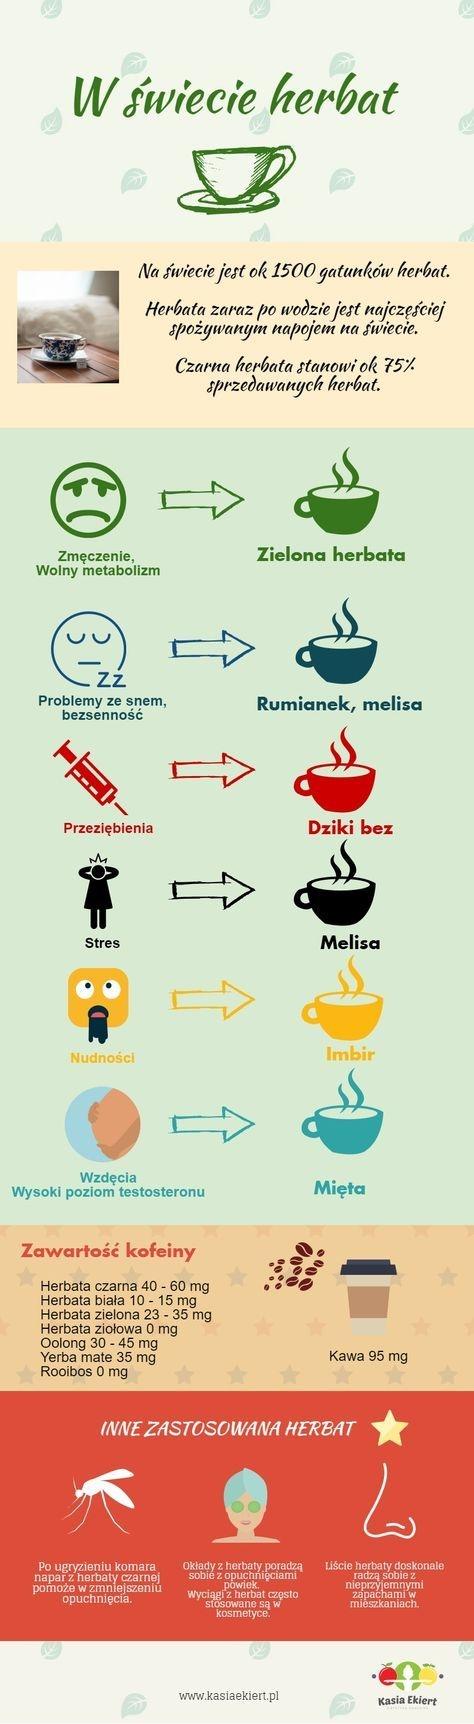 W świecie herbat